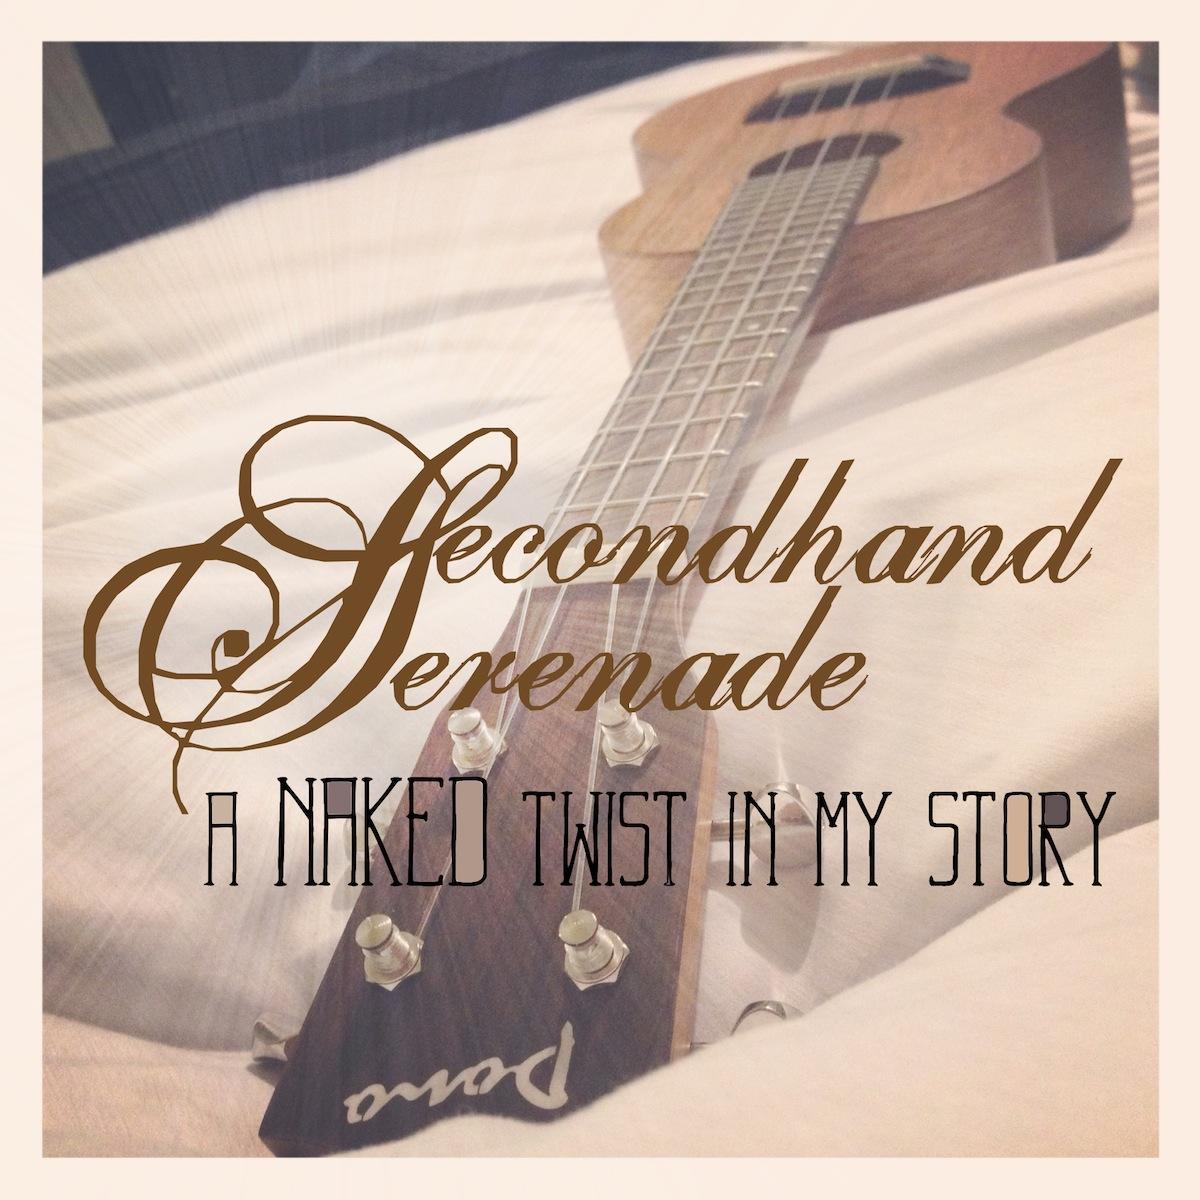 secondhand serenade album download zip